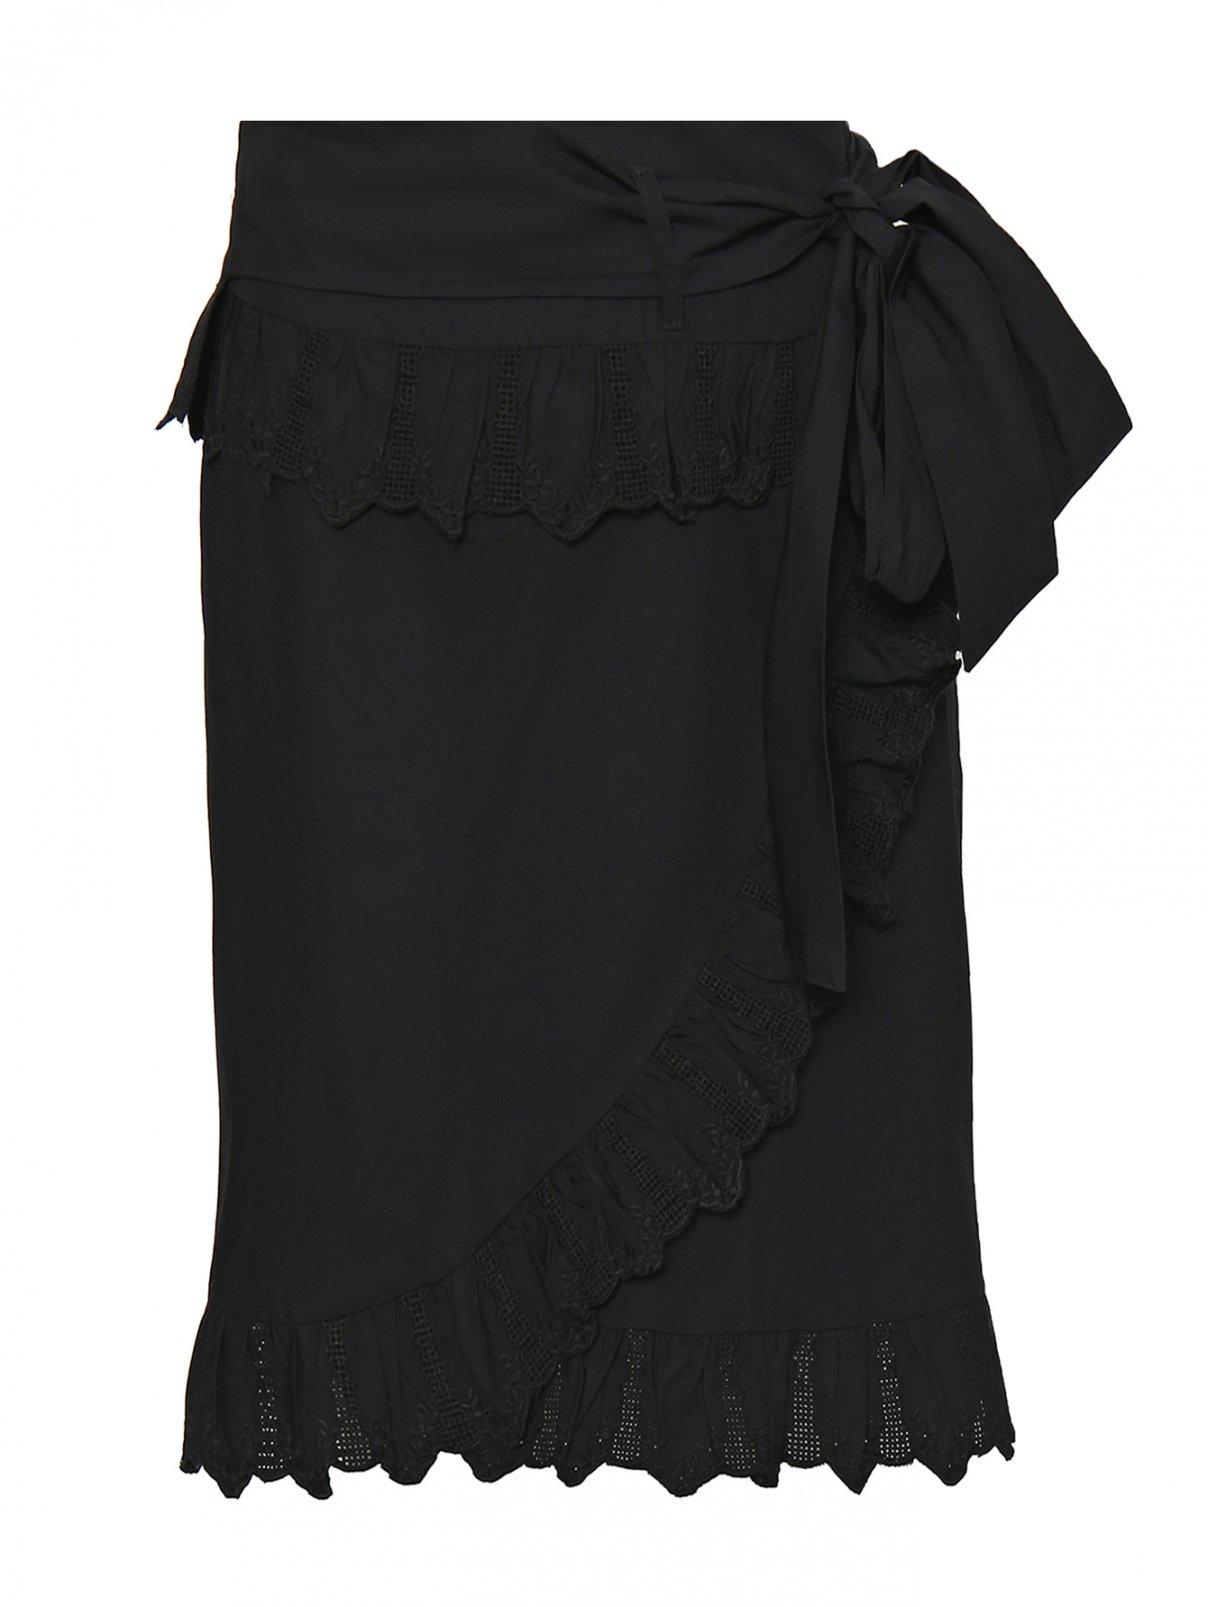 Юбка из хлопка с запахом и кружевной отделкой Isabel Marant  –  Общий вид  – Цвет:  Черный